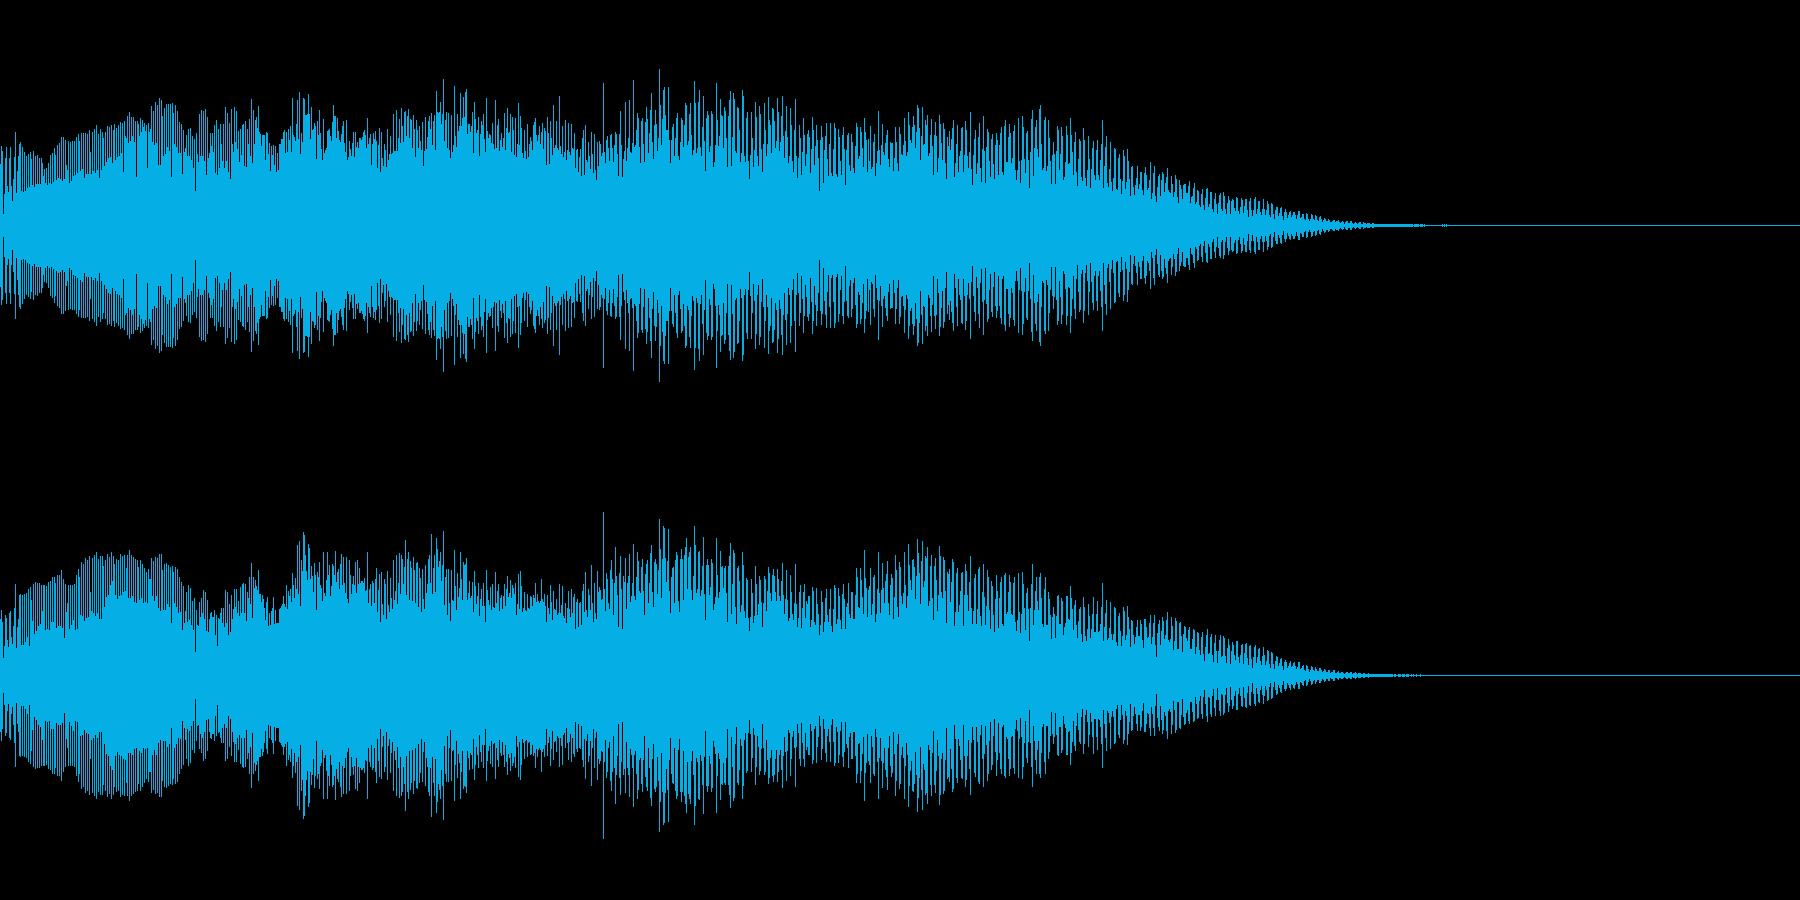 オーガニックなオープニングサウンドロゴ2の再生済みの波形